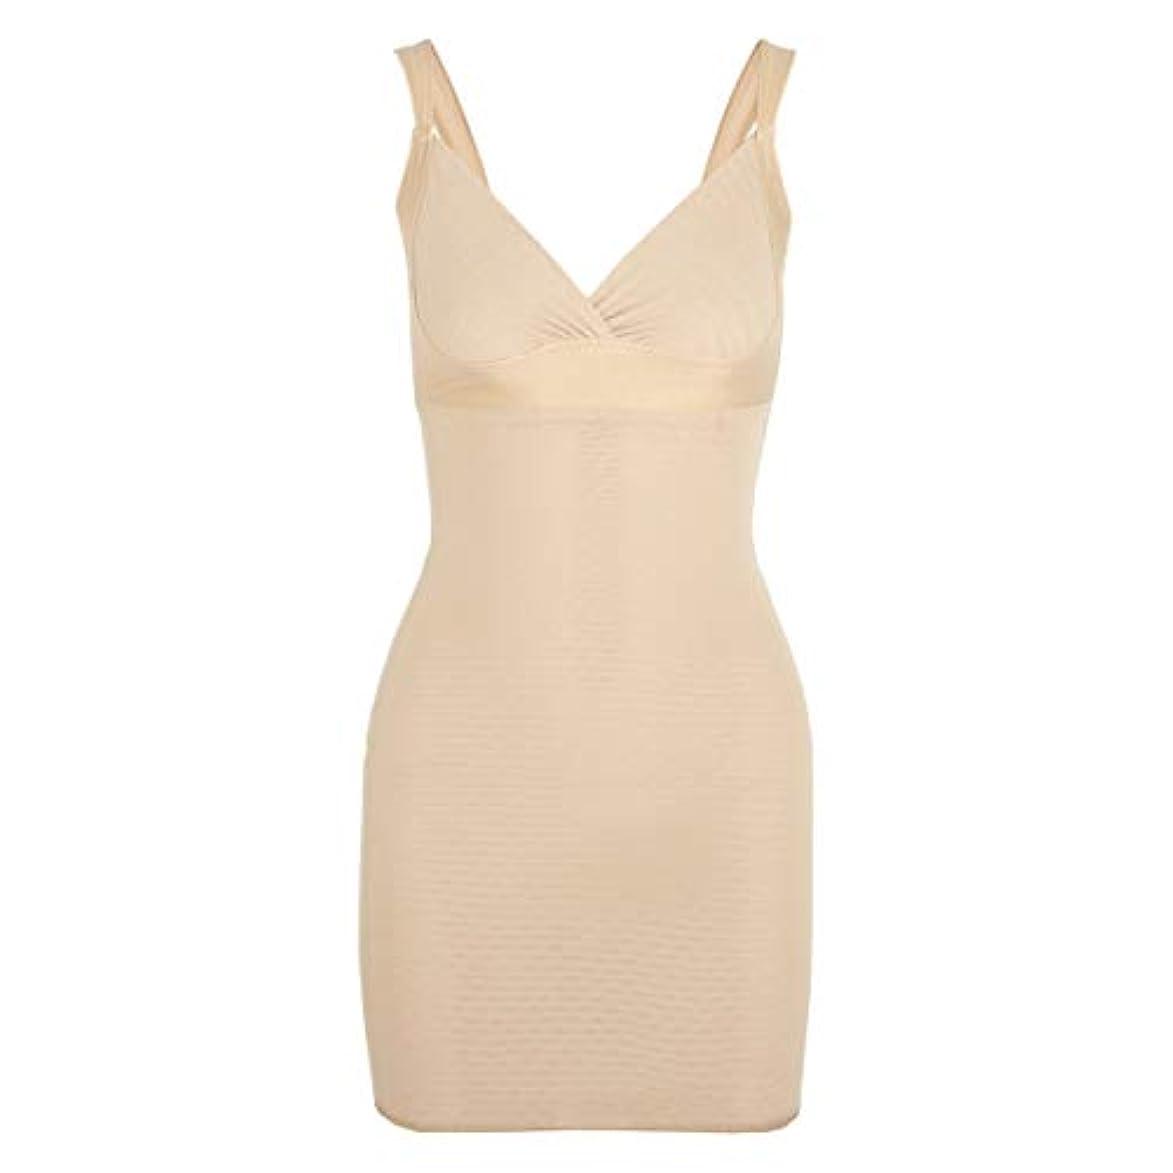 風邪をひく以内にタップ女性のポストナタル産後Slim身下着シェイパードレスは、ボディスーツシェイプウェアウエストコルセットガードルを回復-アプリコットXL